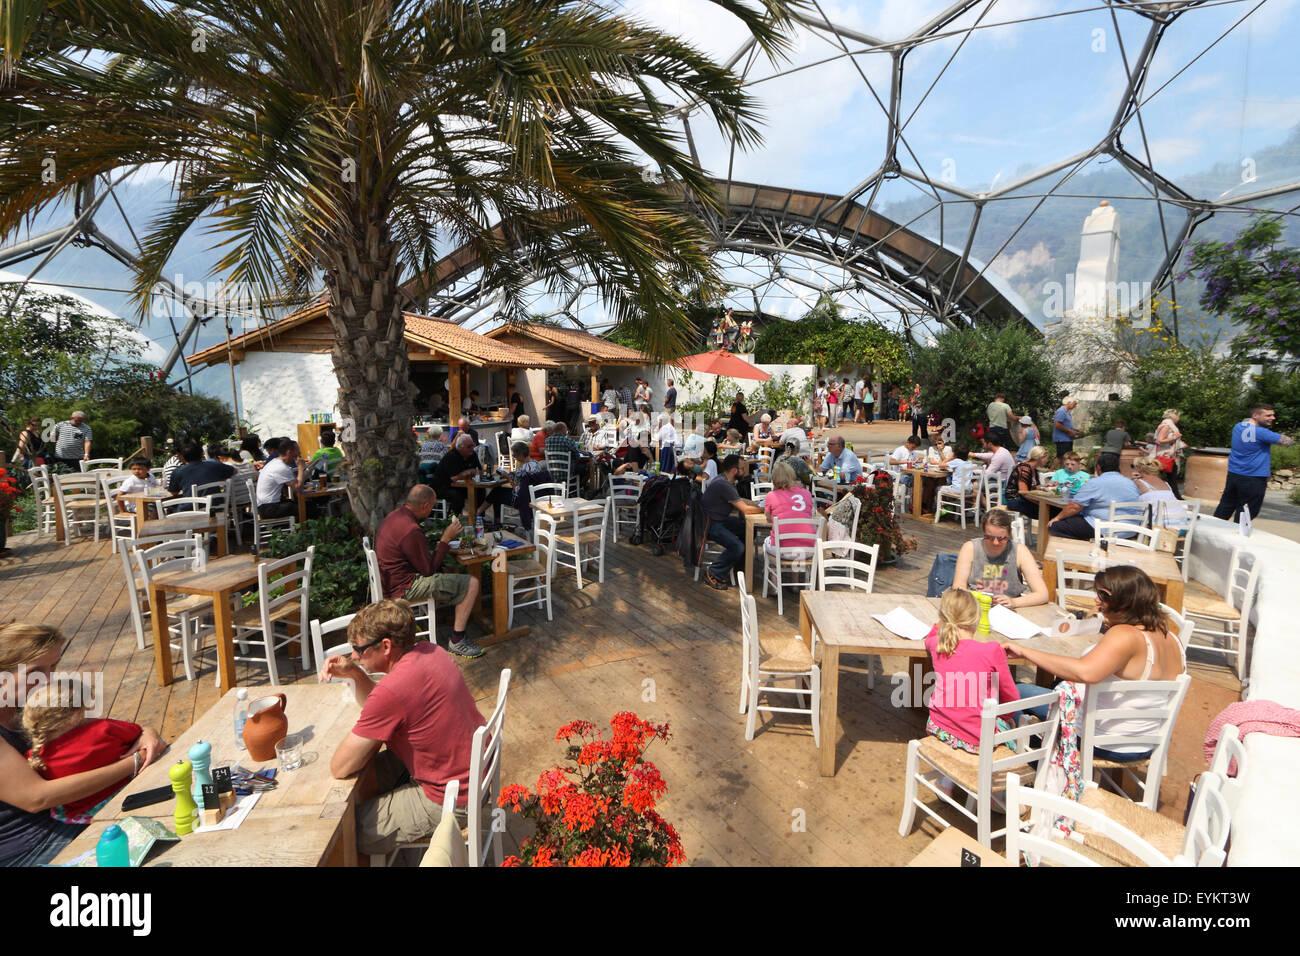 Cafe Med Restaurant Location